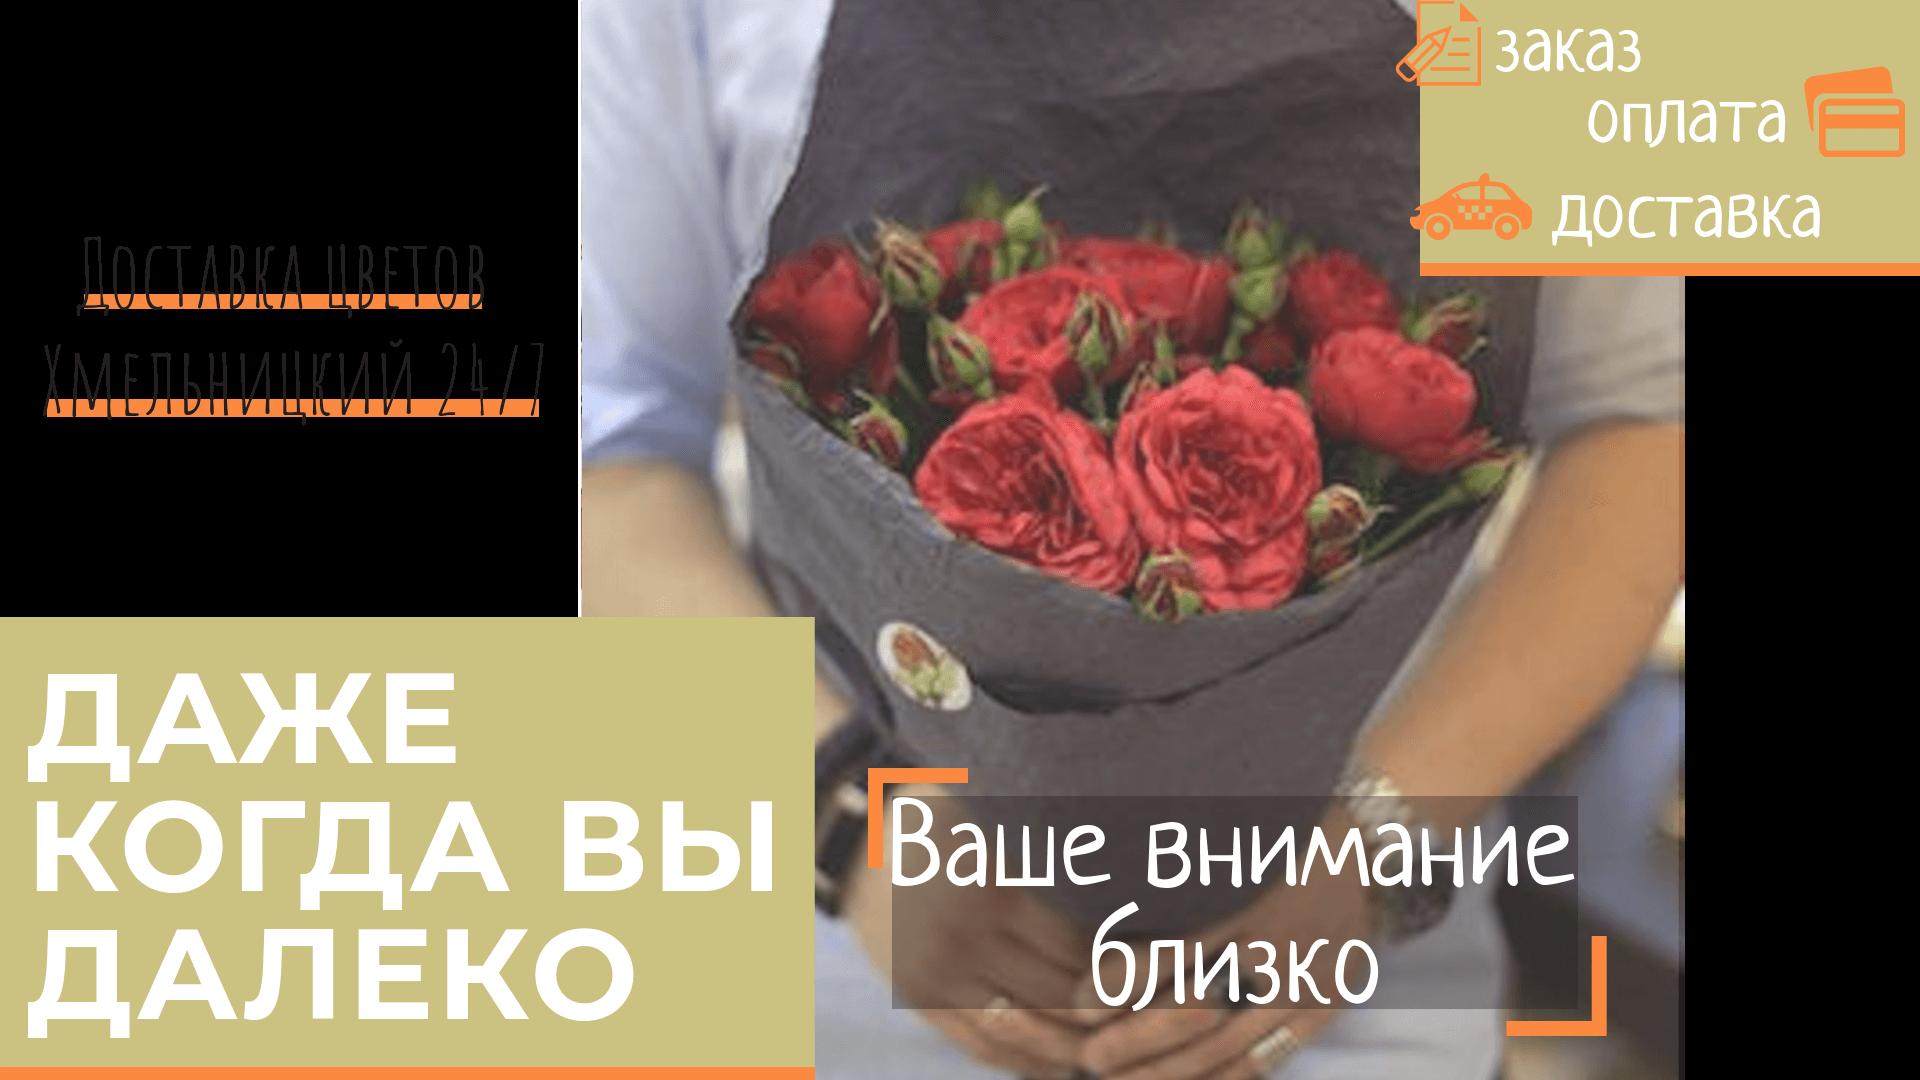 banner4-besplatnaja-dostavka-buketa-hmelnickiy